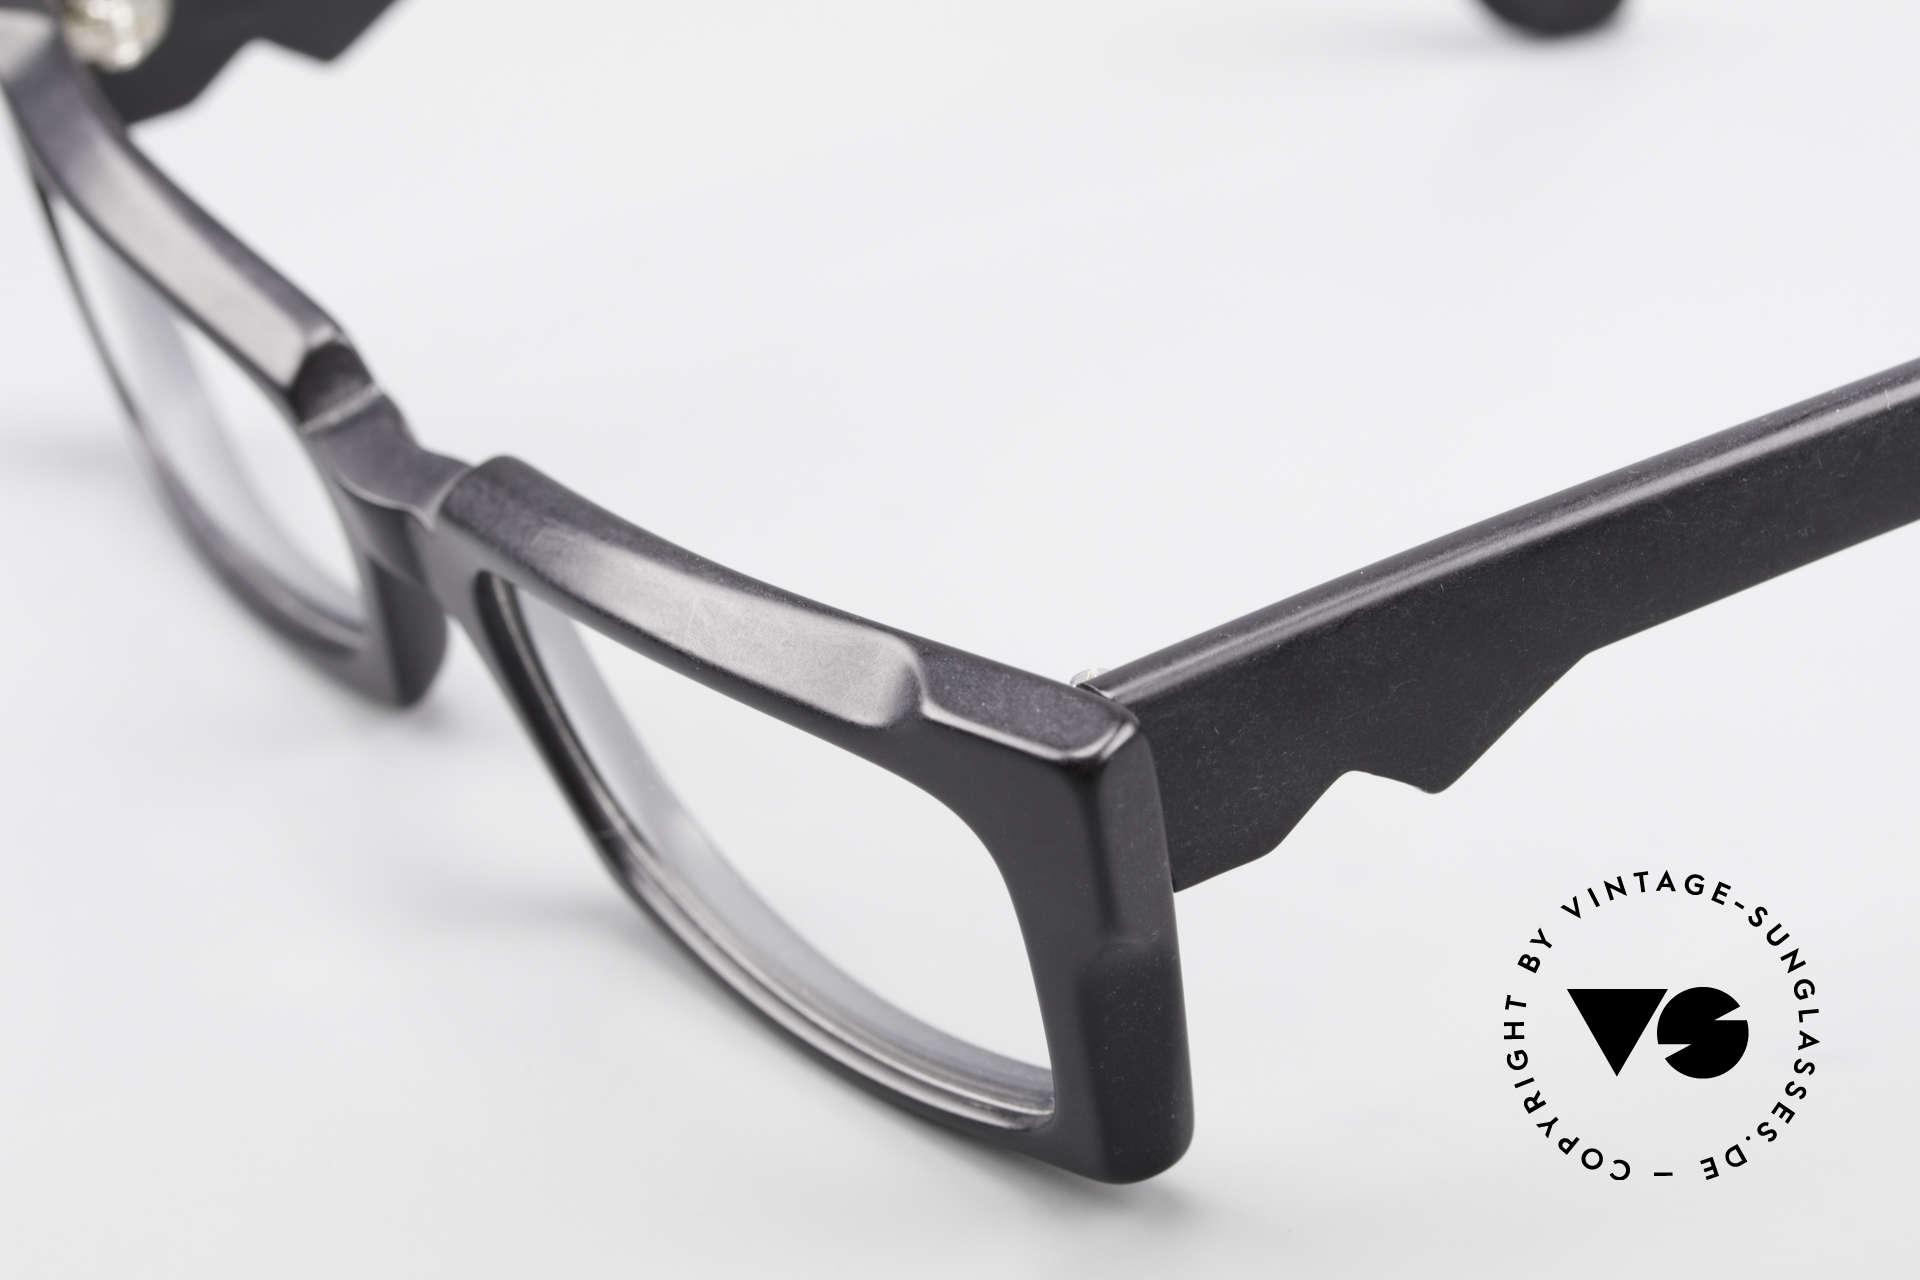 Anne Et Valentin Belphegor Alte 80er Brille Echt Vintage, dieses Modell stammt noch aus den Anfängen von A&V, Passend für Damen